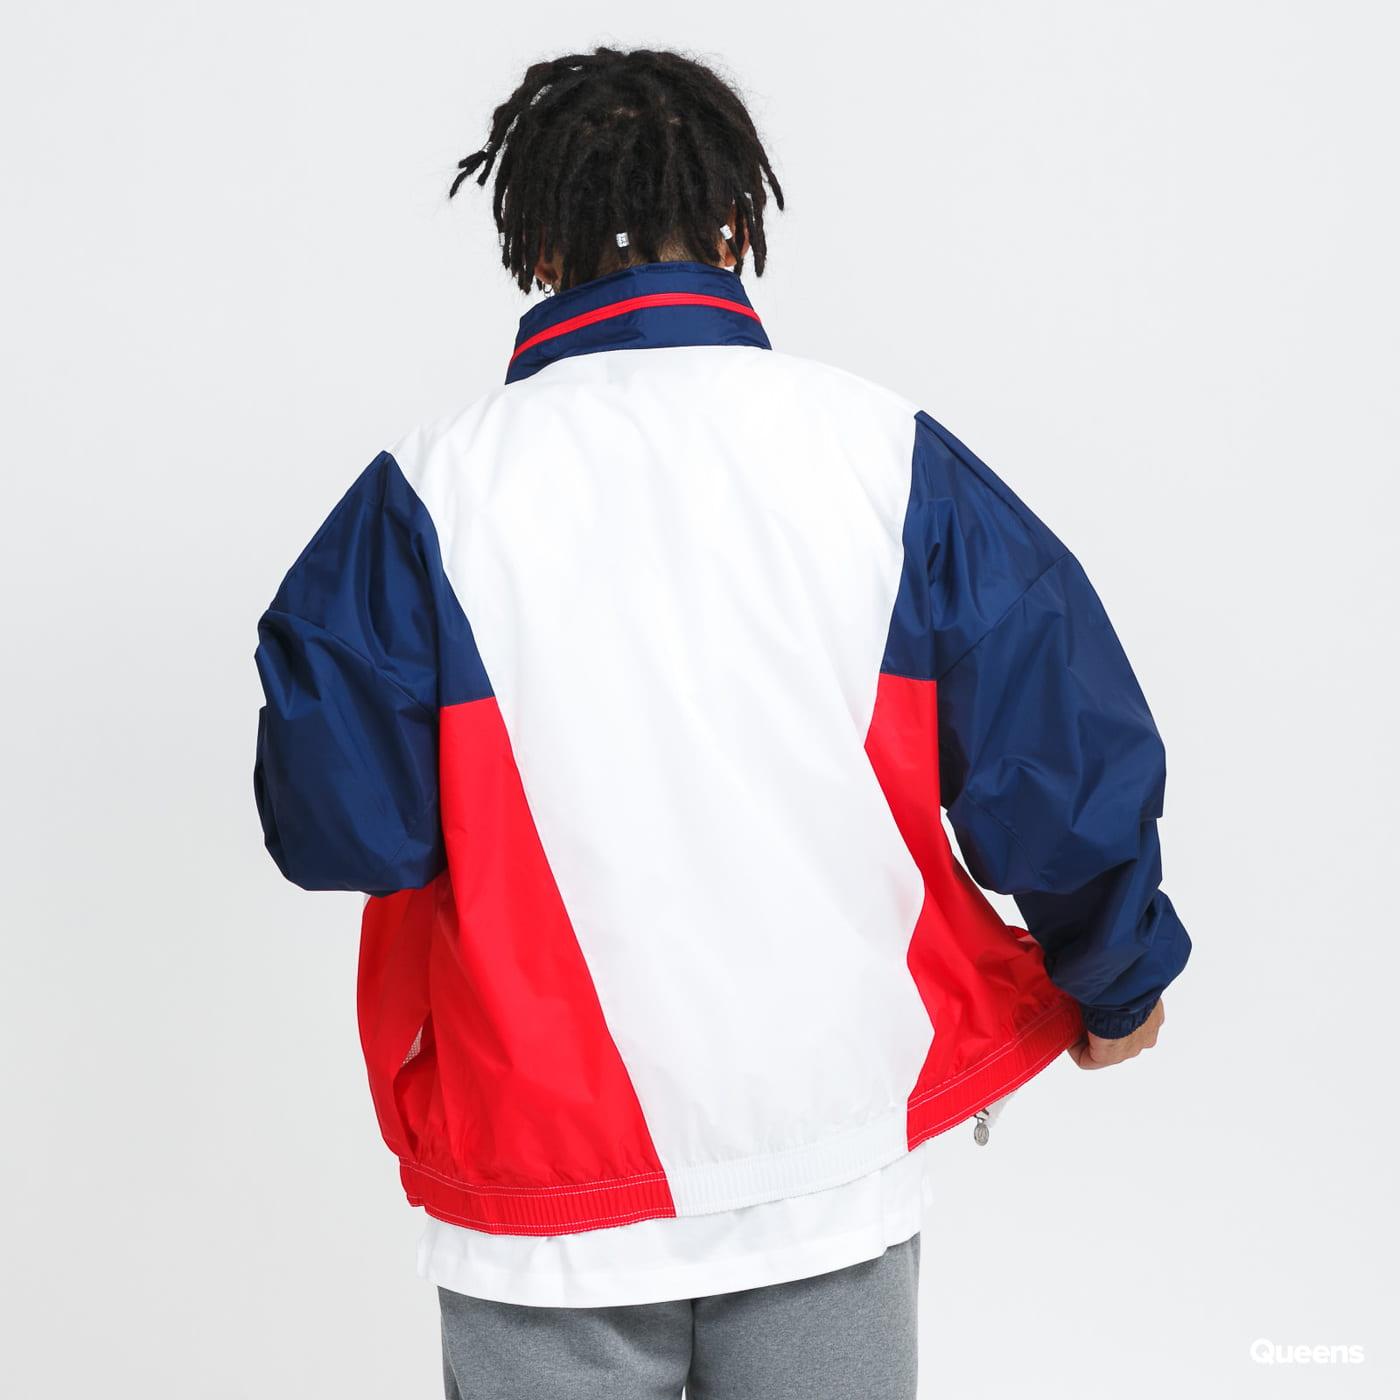 Jordan M J PSG Nylon Hooded Jacket white / red / navy